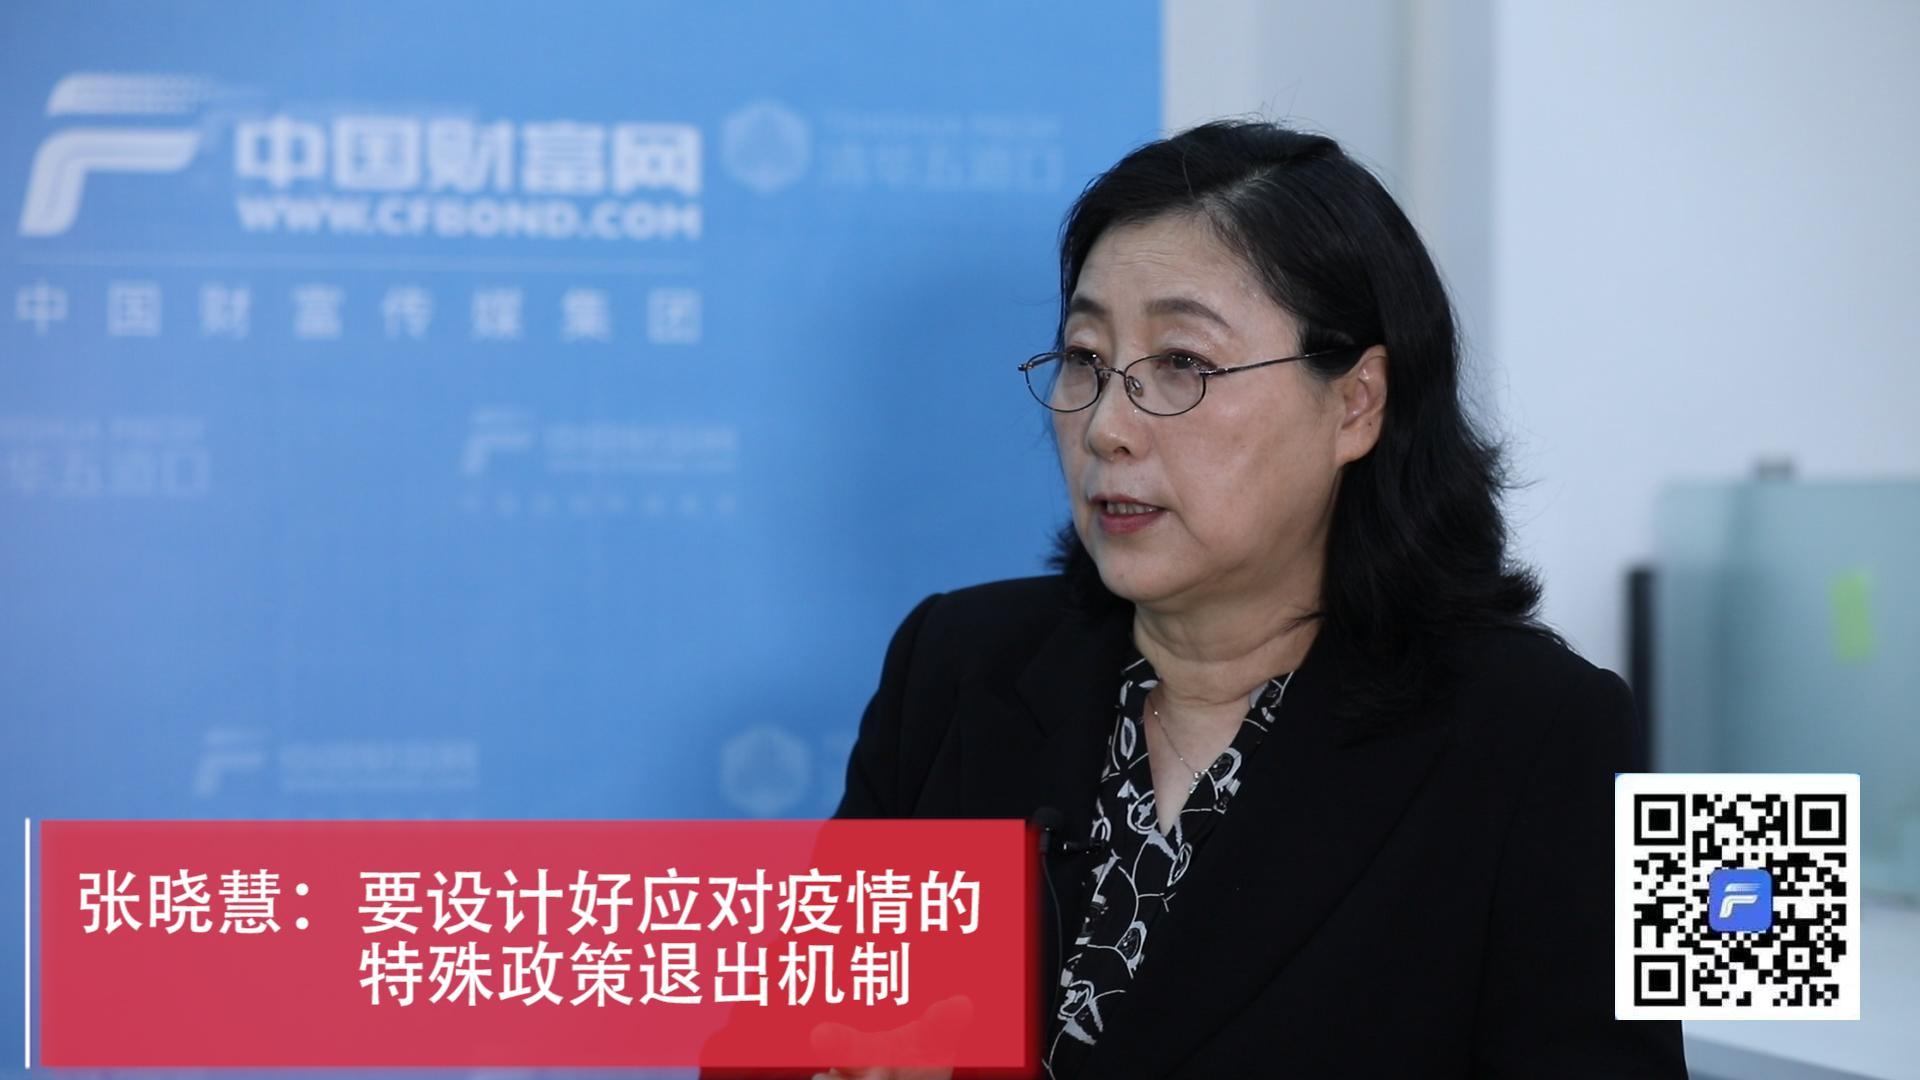 【中国财富报道】张晓慧:要设计好应对疫情的特殊政策退出机制